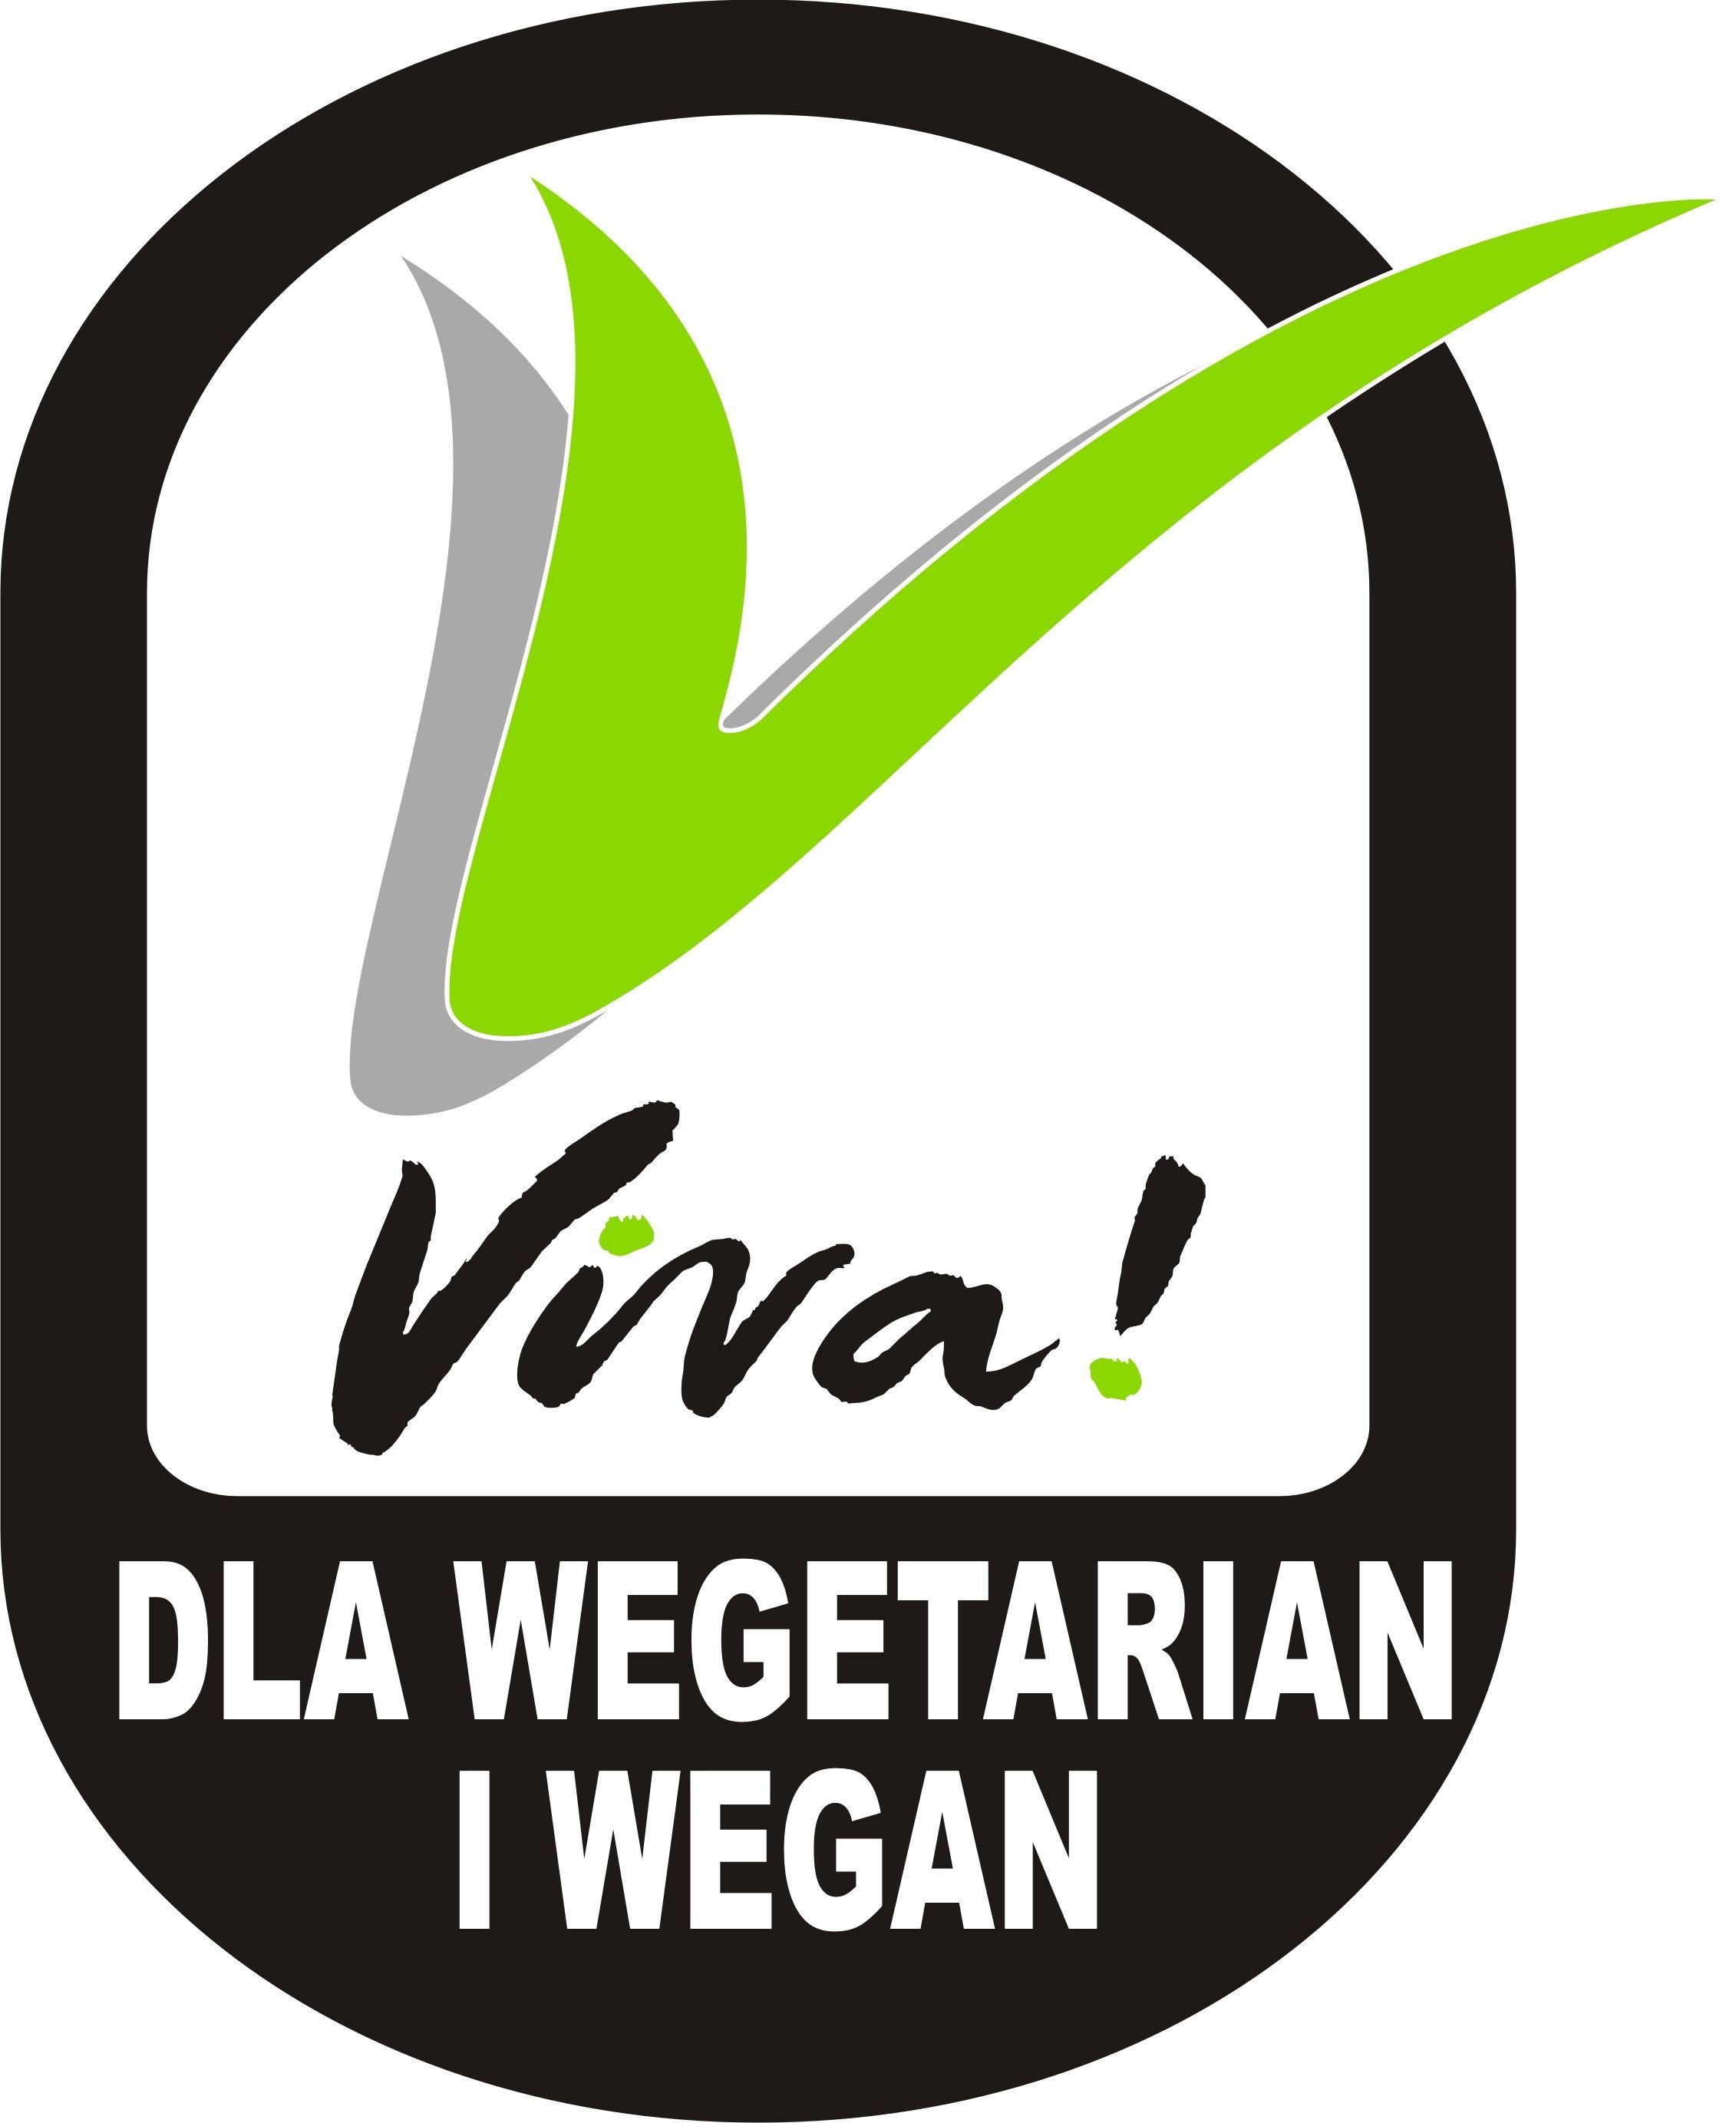 Mamy Przyjemnosc Poinformowac O Wyroznieniu Znakiem Jakosci Vege Odpowiedni Dla Wegetarian I Wegan Naszego Weganskieg Retail Logos Lululemon Logo Face And Body